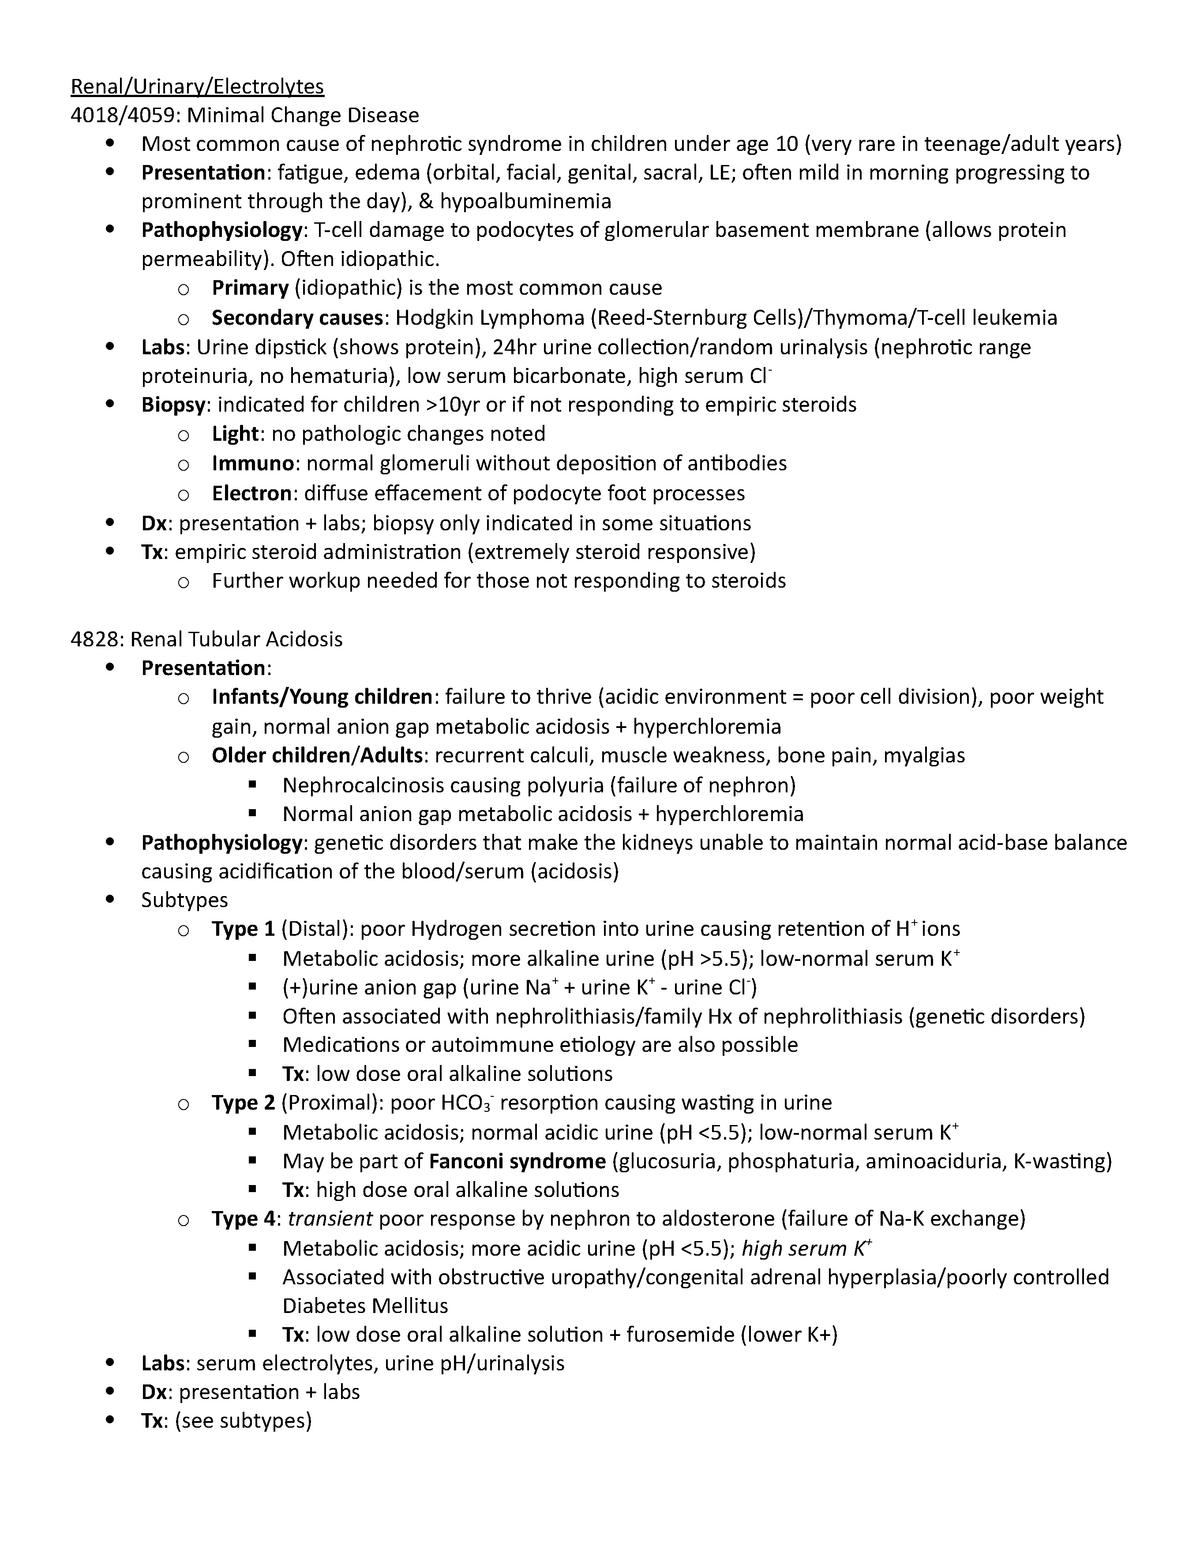 UWorld Peds 9 - MEDICINE 9503: Pediatrics Rotation - StuDocu